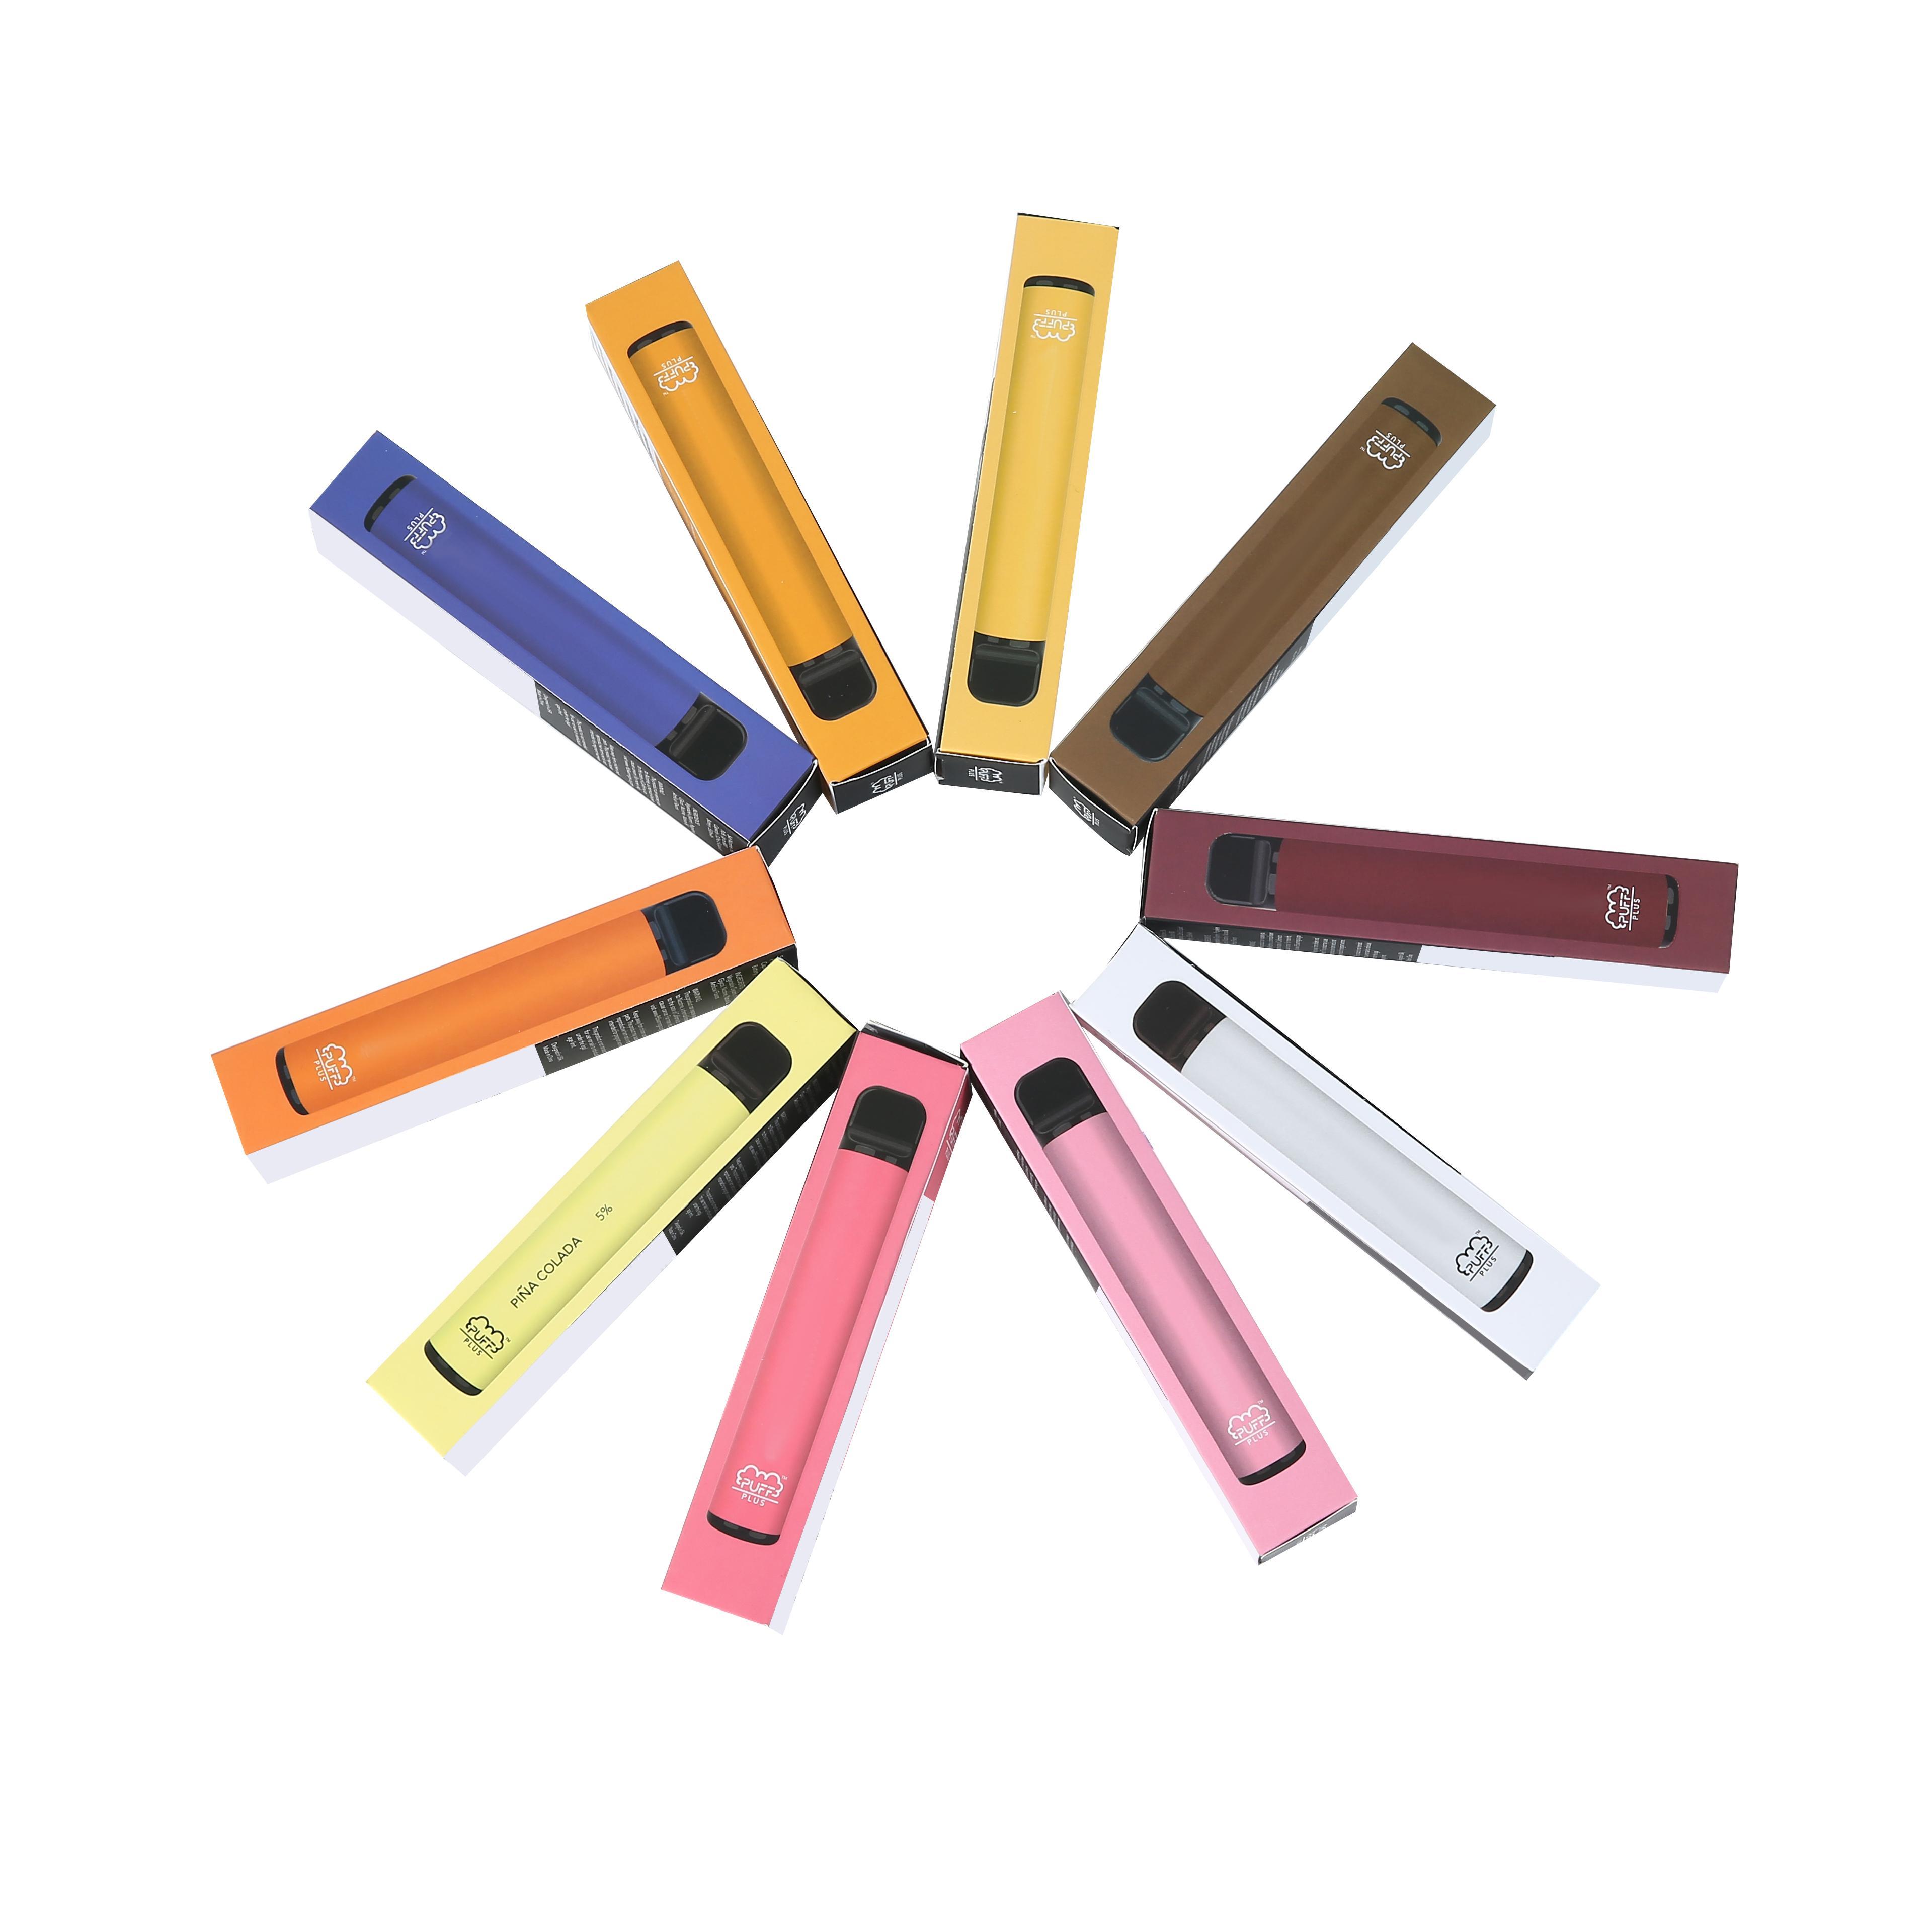 Barra de Puff Bar Plus 800+ Puff Disable Vaes 550mAh Bateria 3.2ML PODs Pré-repletos Vape com Código de Segurança Puff bar Plus 800